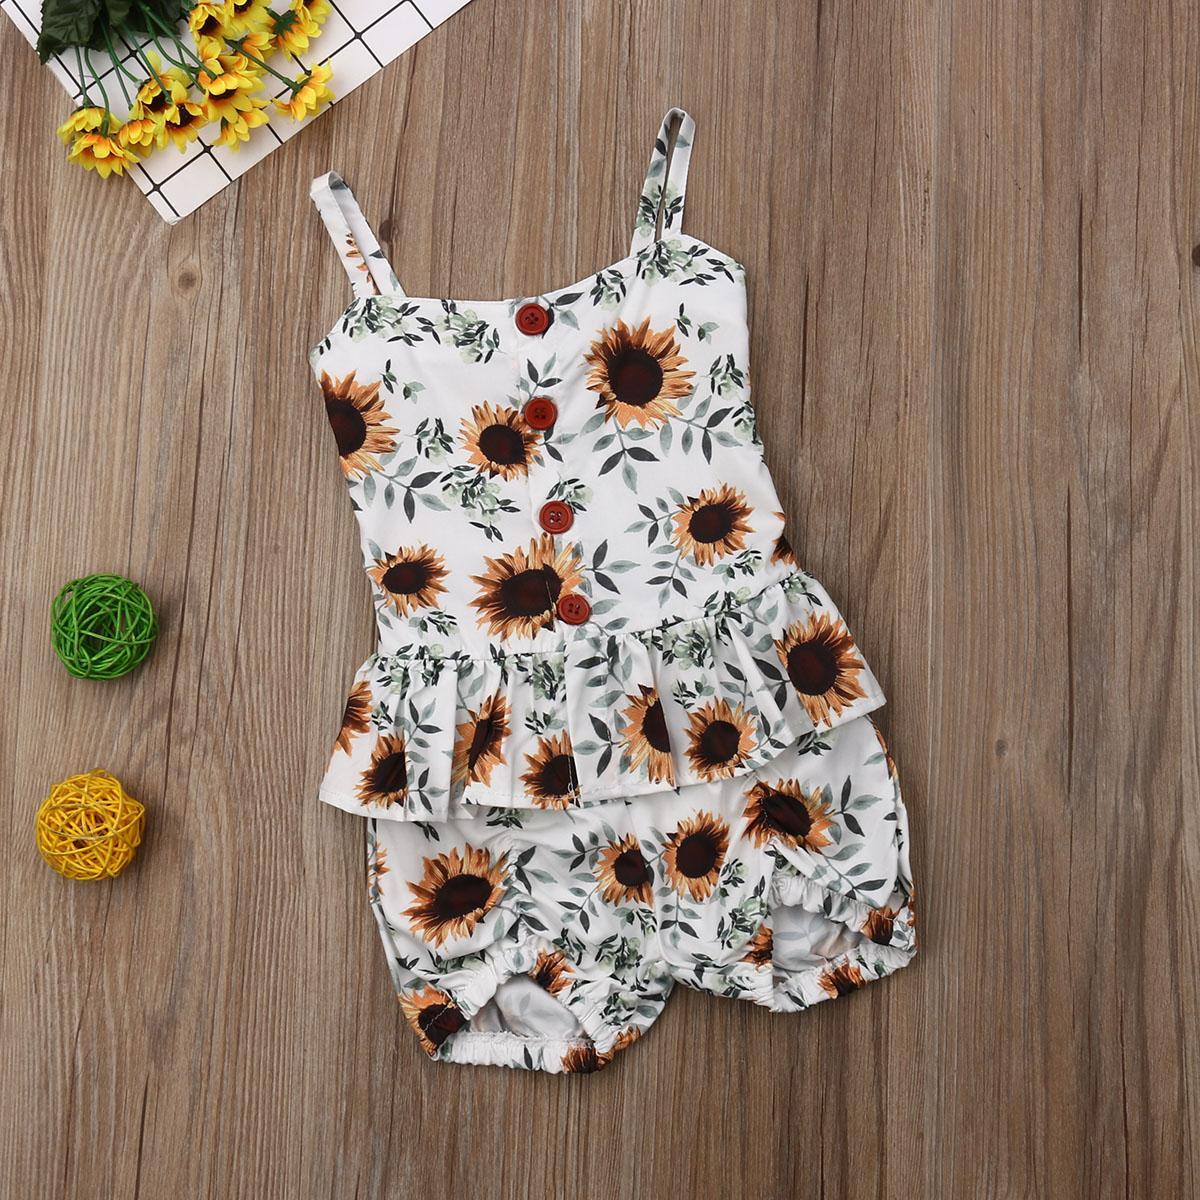 Criança bebê crianças roupas de verão menina Floral mangas Ruffle Tops Shorts 2pcs Outfits Set